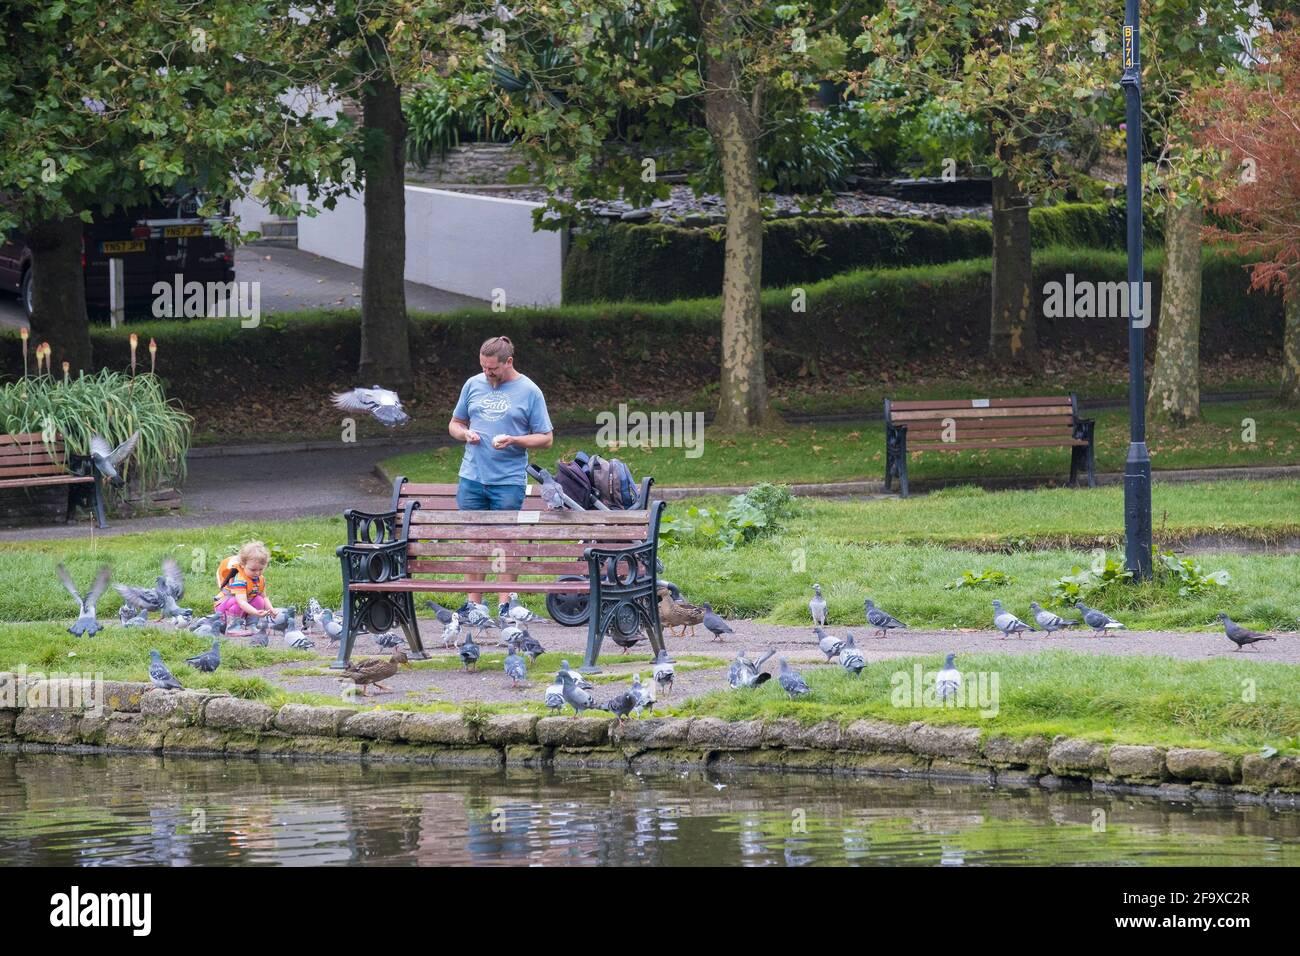 Ein Vater und seine kleine Tochter füttern Tauben in Trenance Gardens in Newquay in Cornwall. Stockfoto